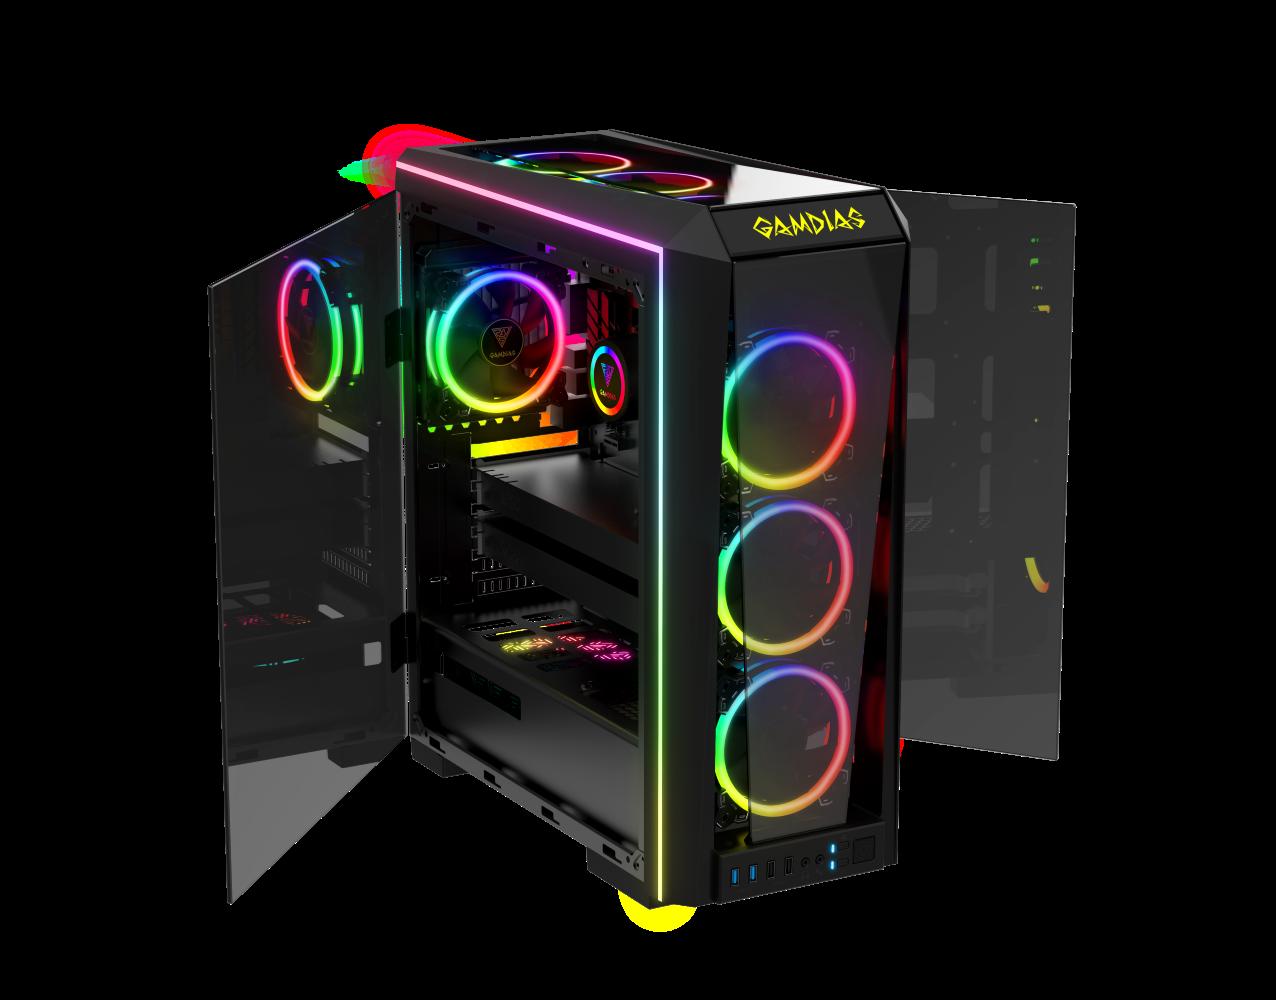 2247a395fe 台湾PCゲーム周辺機器メーカー「GAMDIAS」より、 ミドルタワーPCケース「